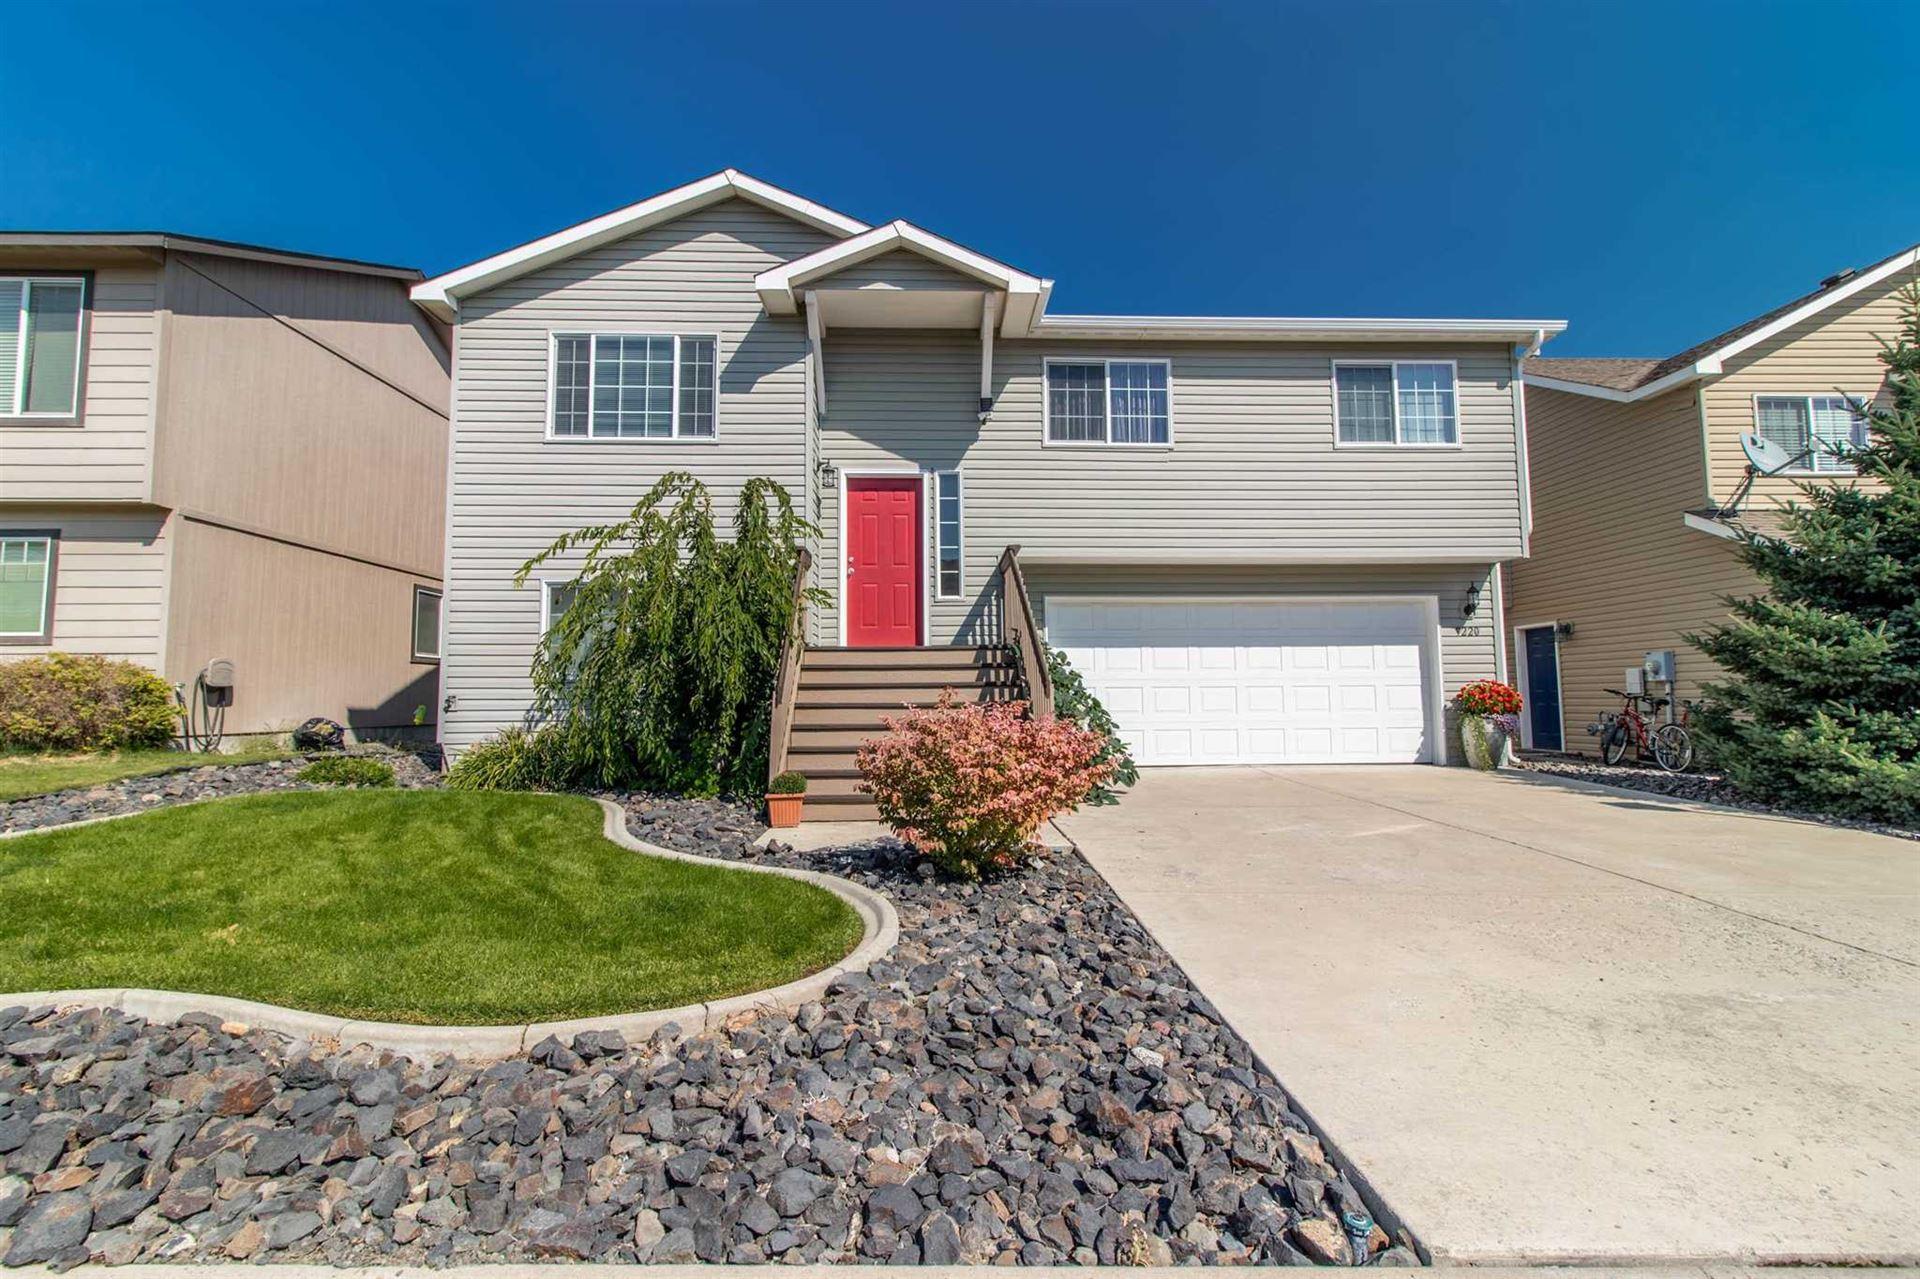 9220 W Foxtail Ln, Spokane, WA 99224 - #: 202121633